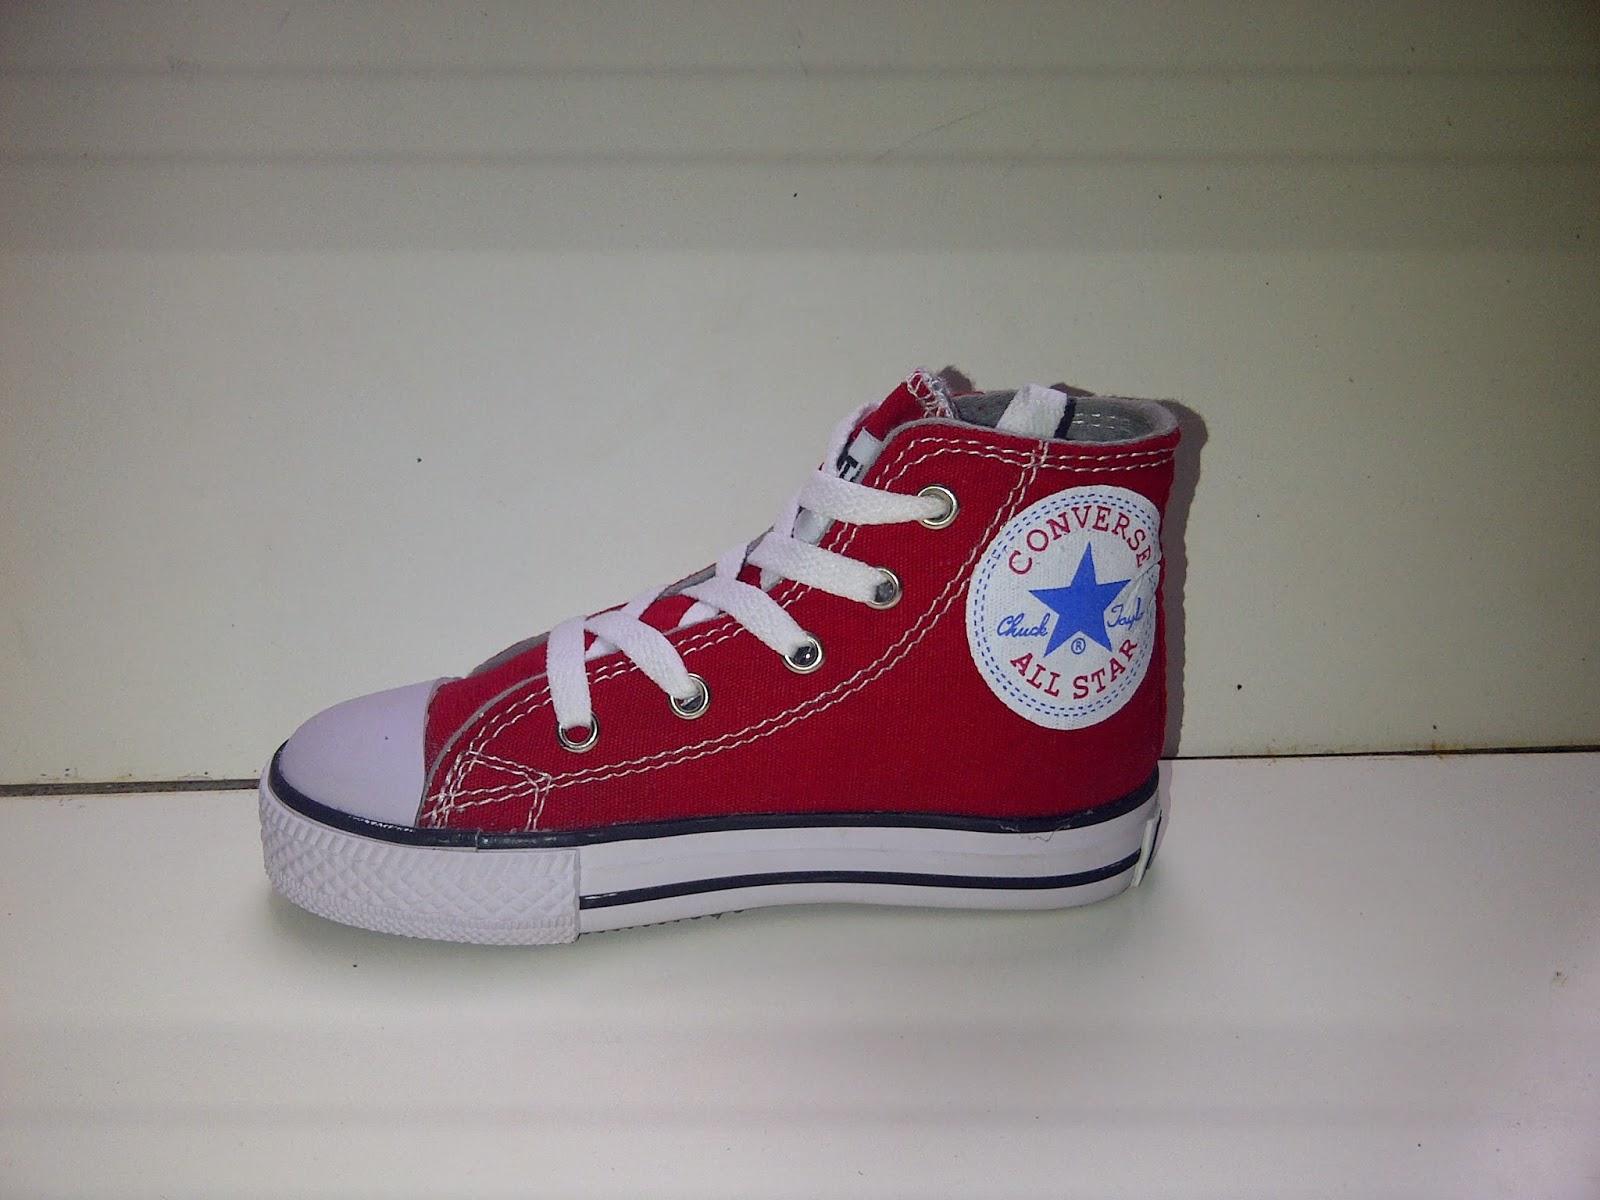 Sepatu converse anak kecil